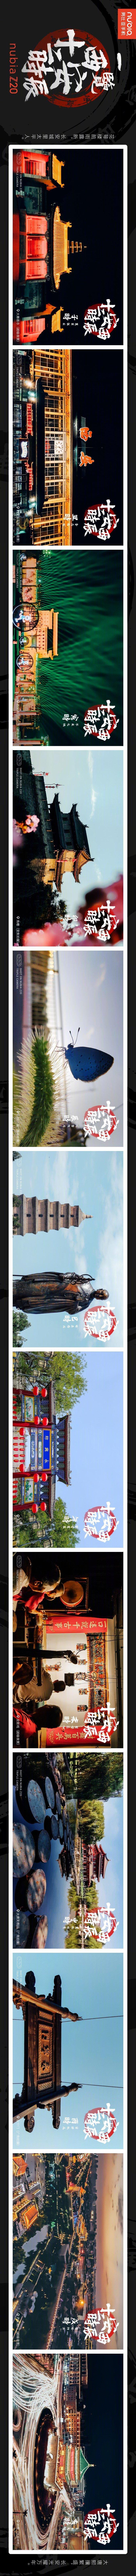 努比亚Z20发布样张:一览西安十二时辰-玩懂手机网 - 玩懂手机第一手的手机资讯网(www.wdshouji.com)